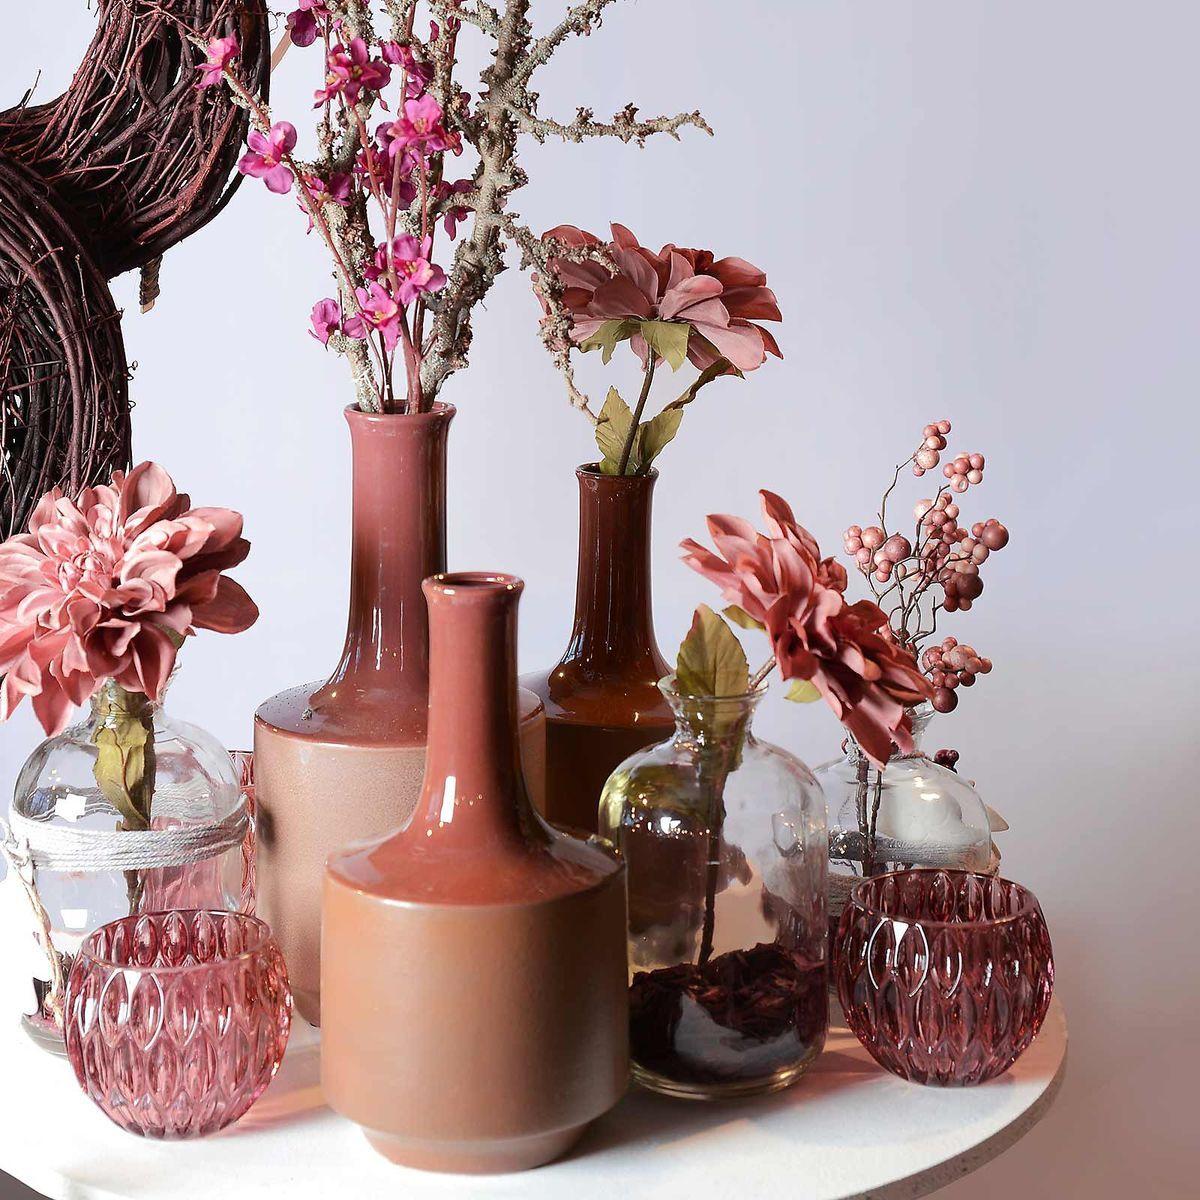 bloemen in glazen vaas met boomschors onderin mit bildern